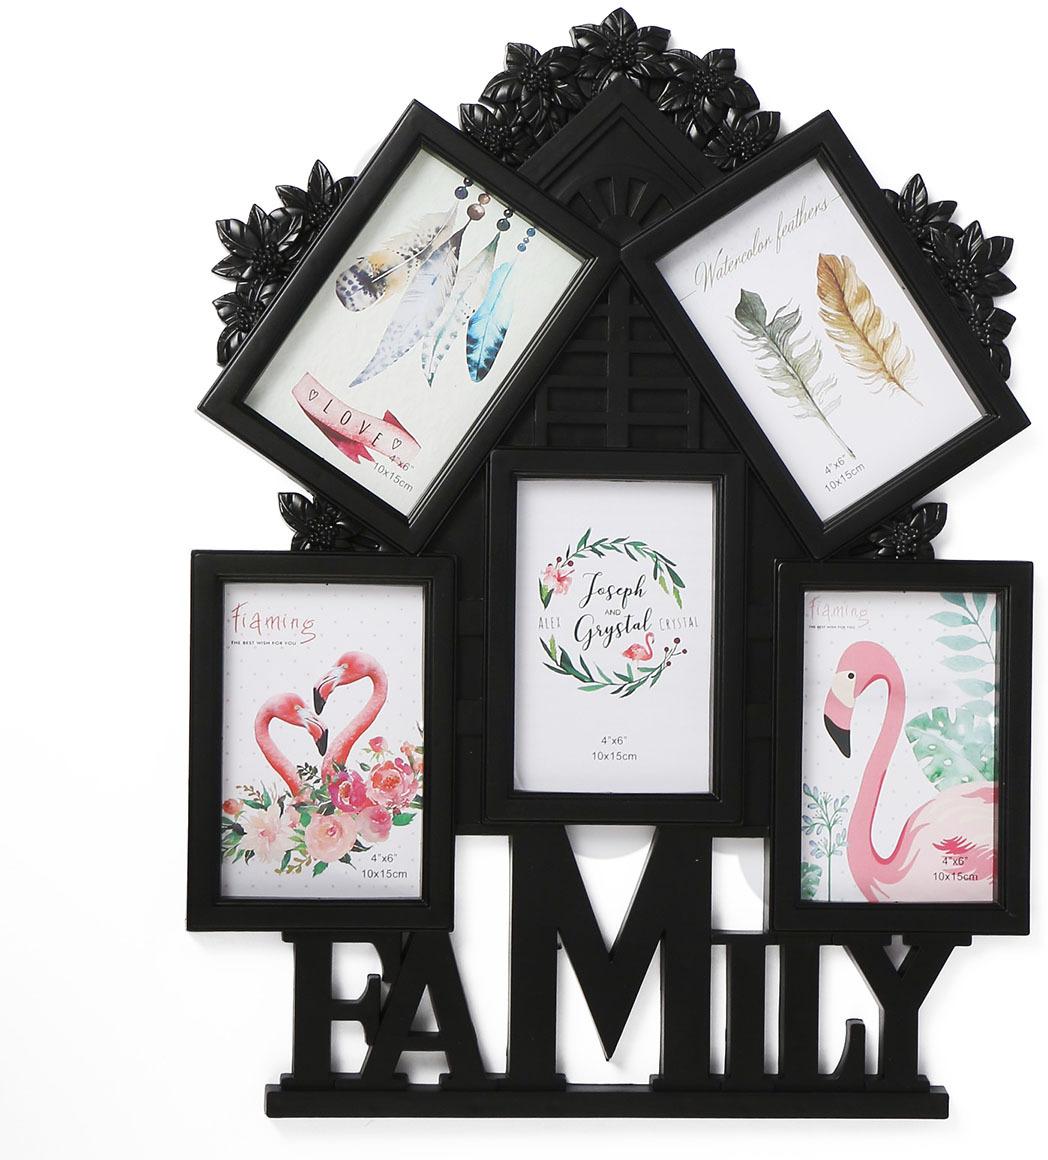 Фоторамка Окно в цветах Семья, на 5 фото, 3722076, черный, 50,5 х 38,5 2,5 см